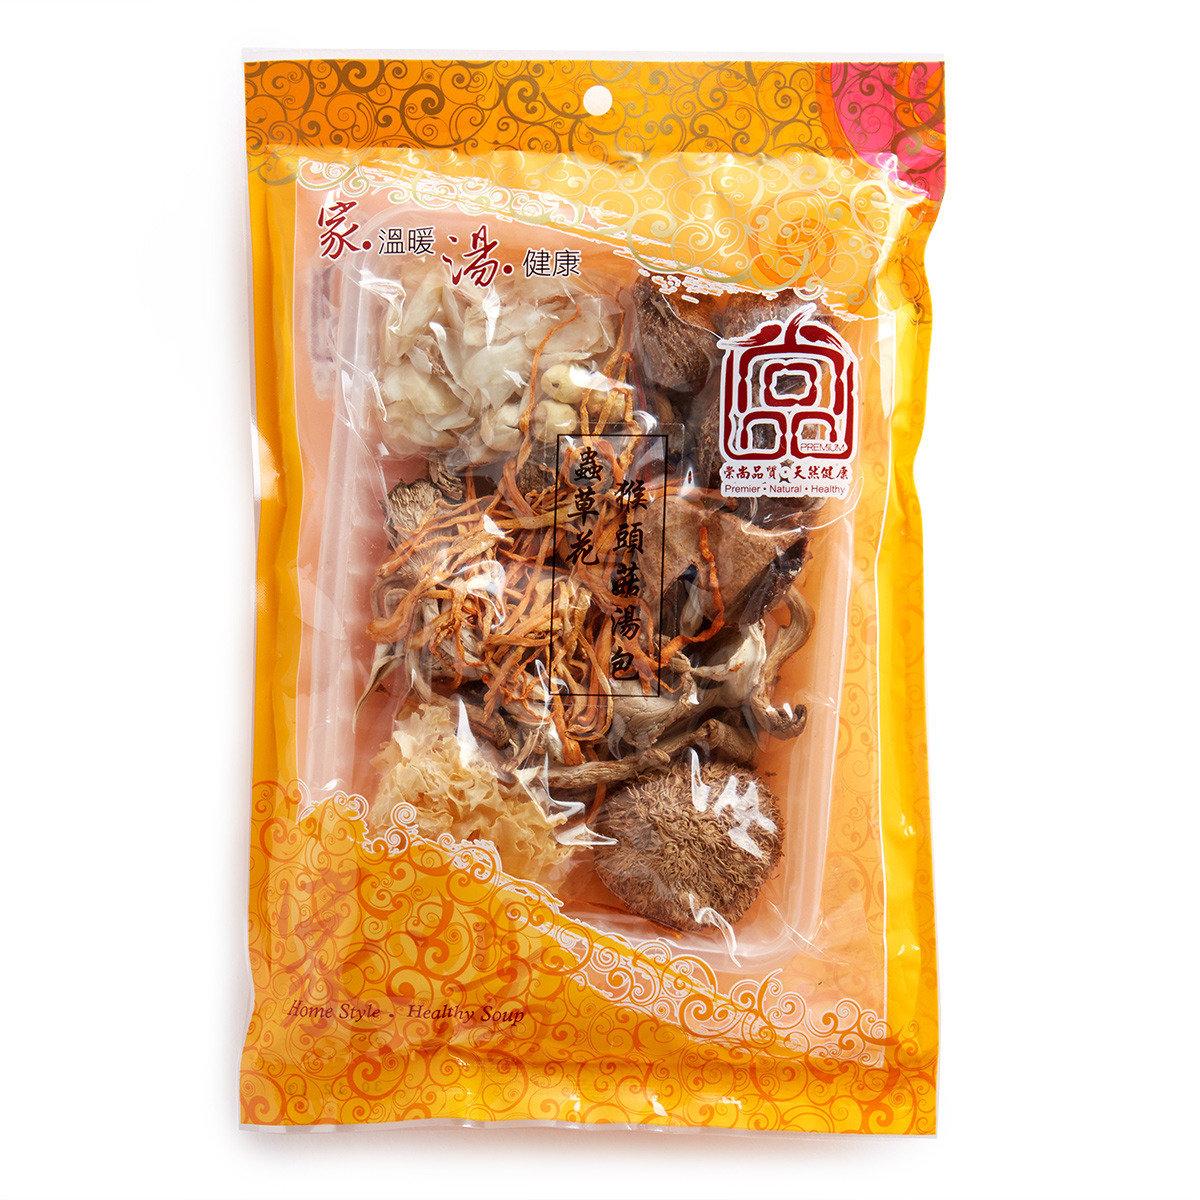 蟲草花猴頭菇銀耳湯包